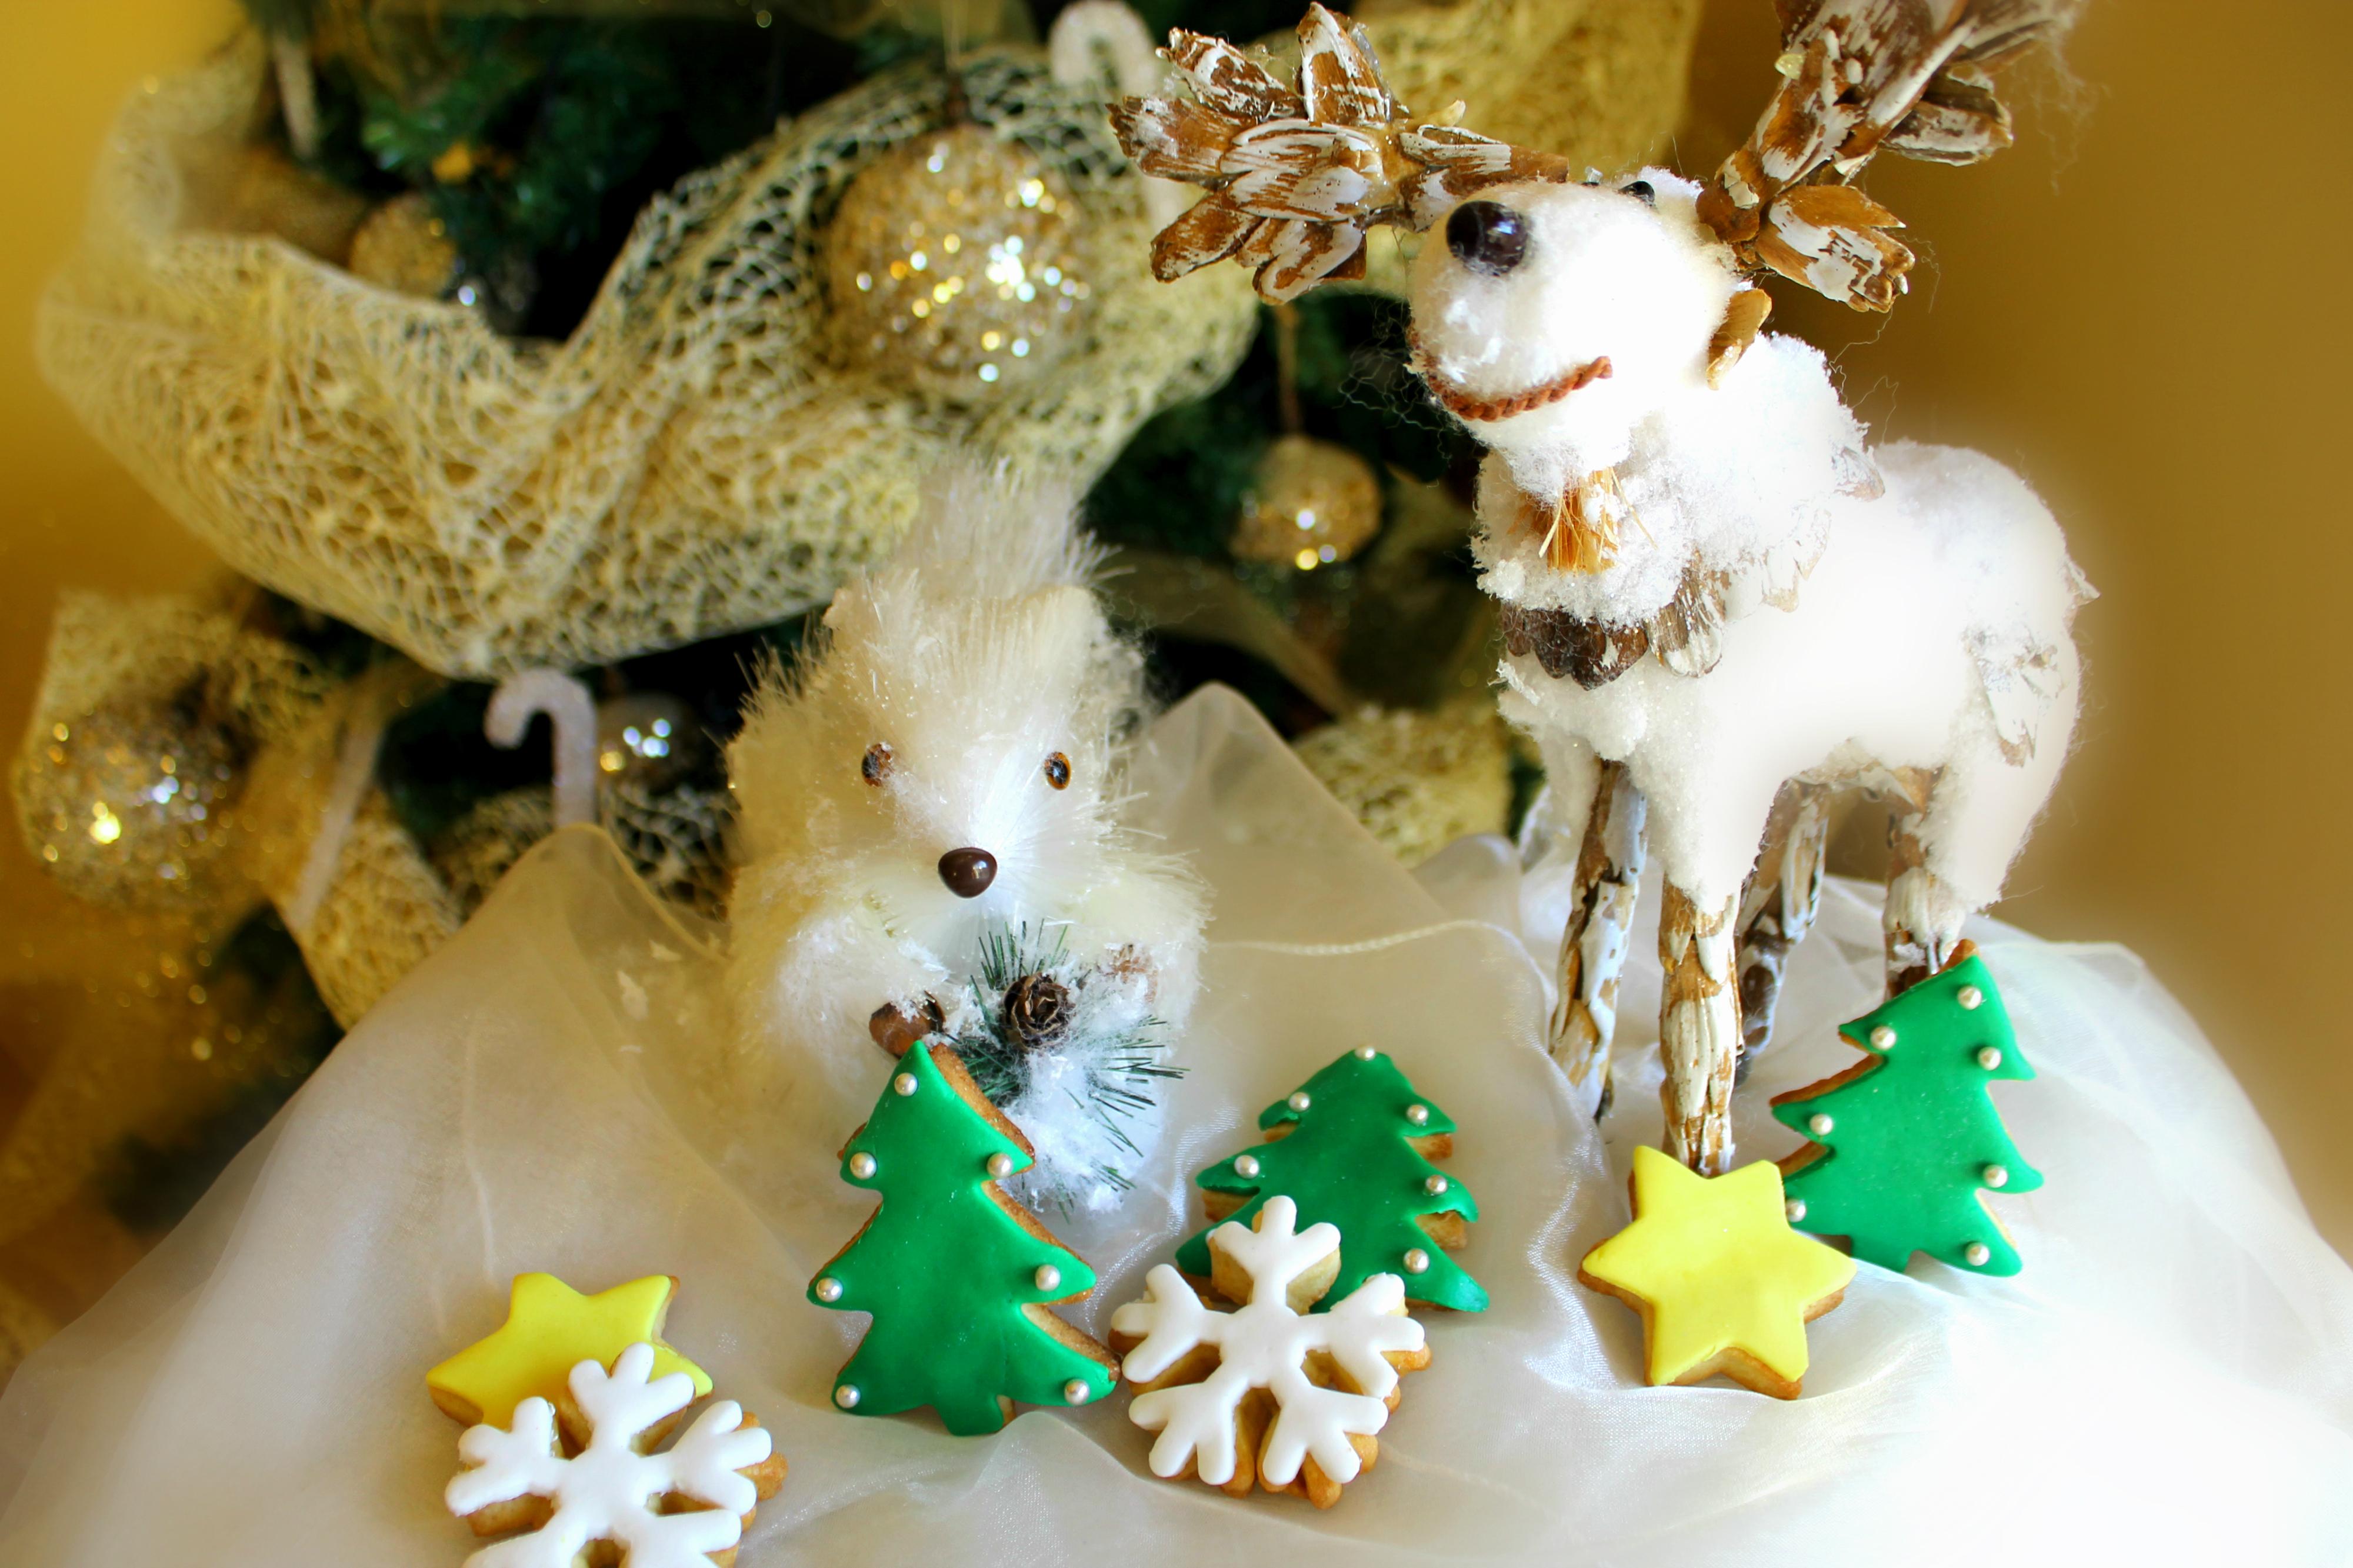 Biscotti natalizi la cucina del cuore - La cucina del cuore ...